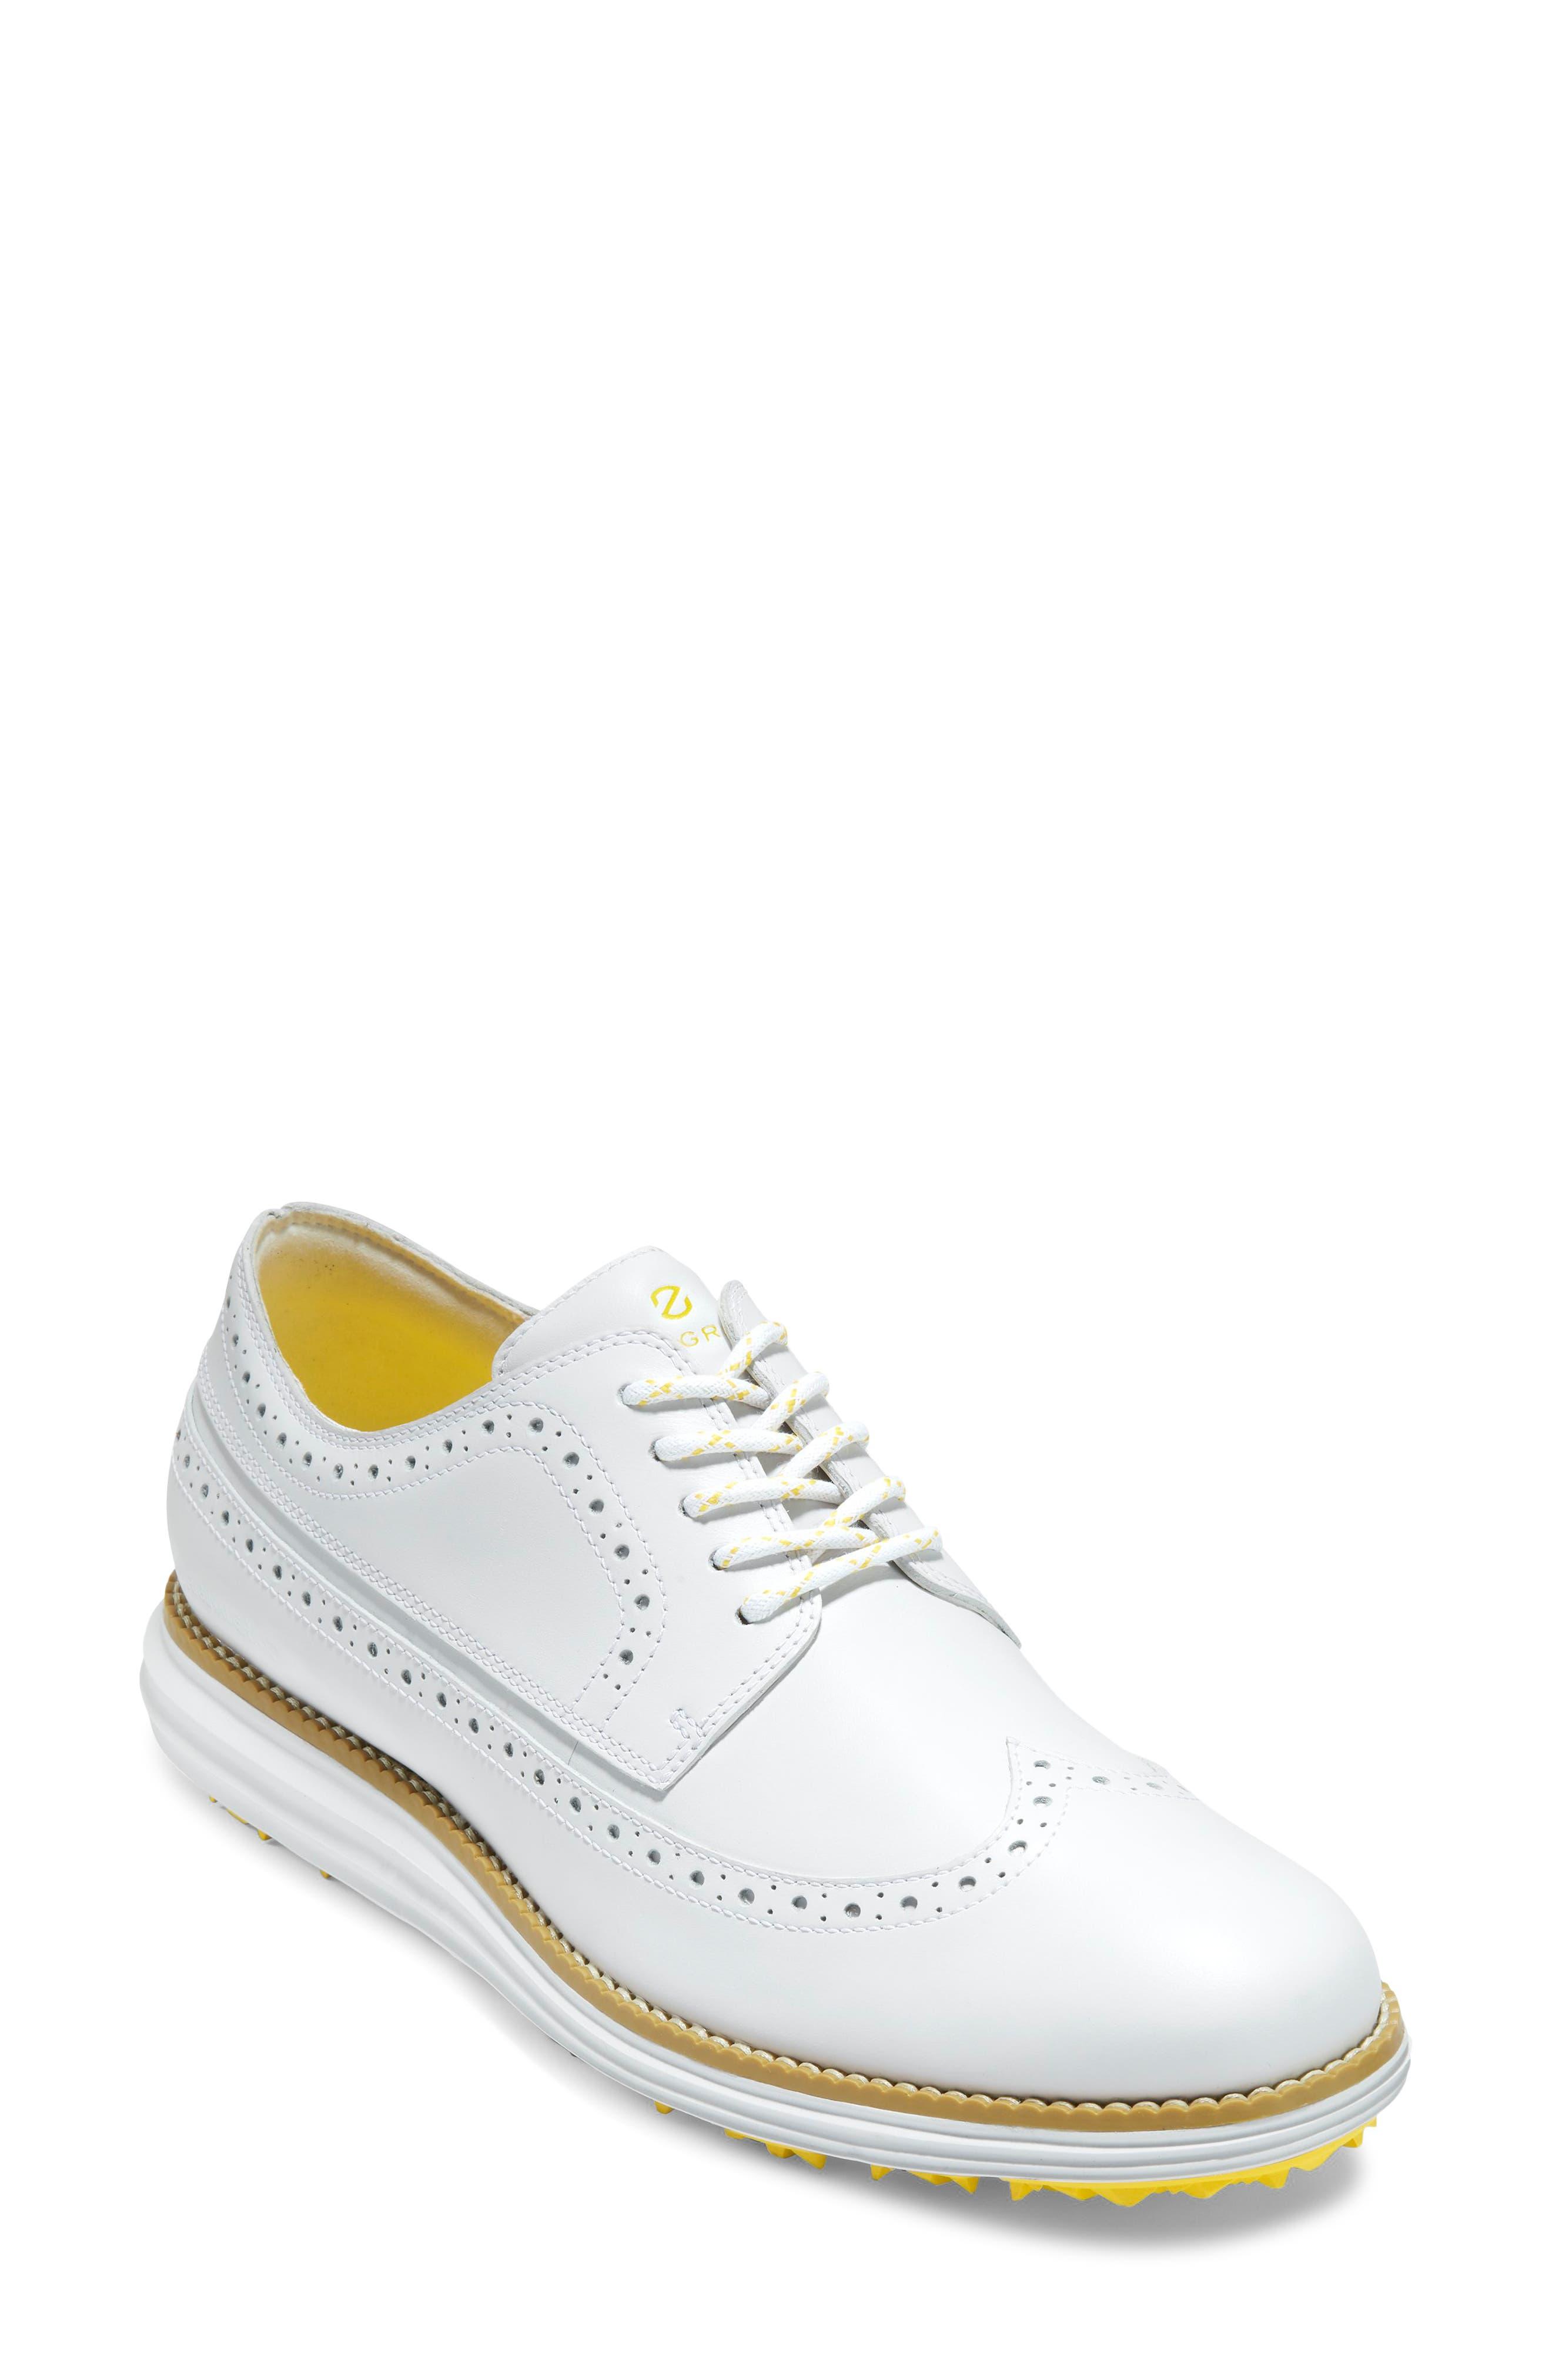 Original Grand Waterproof Spikeless Golf Shoe